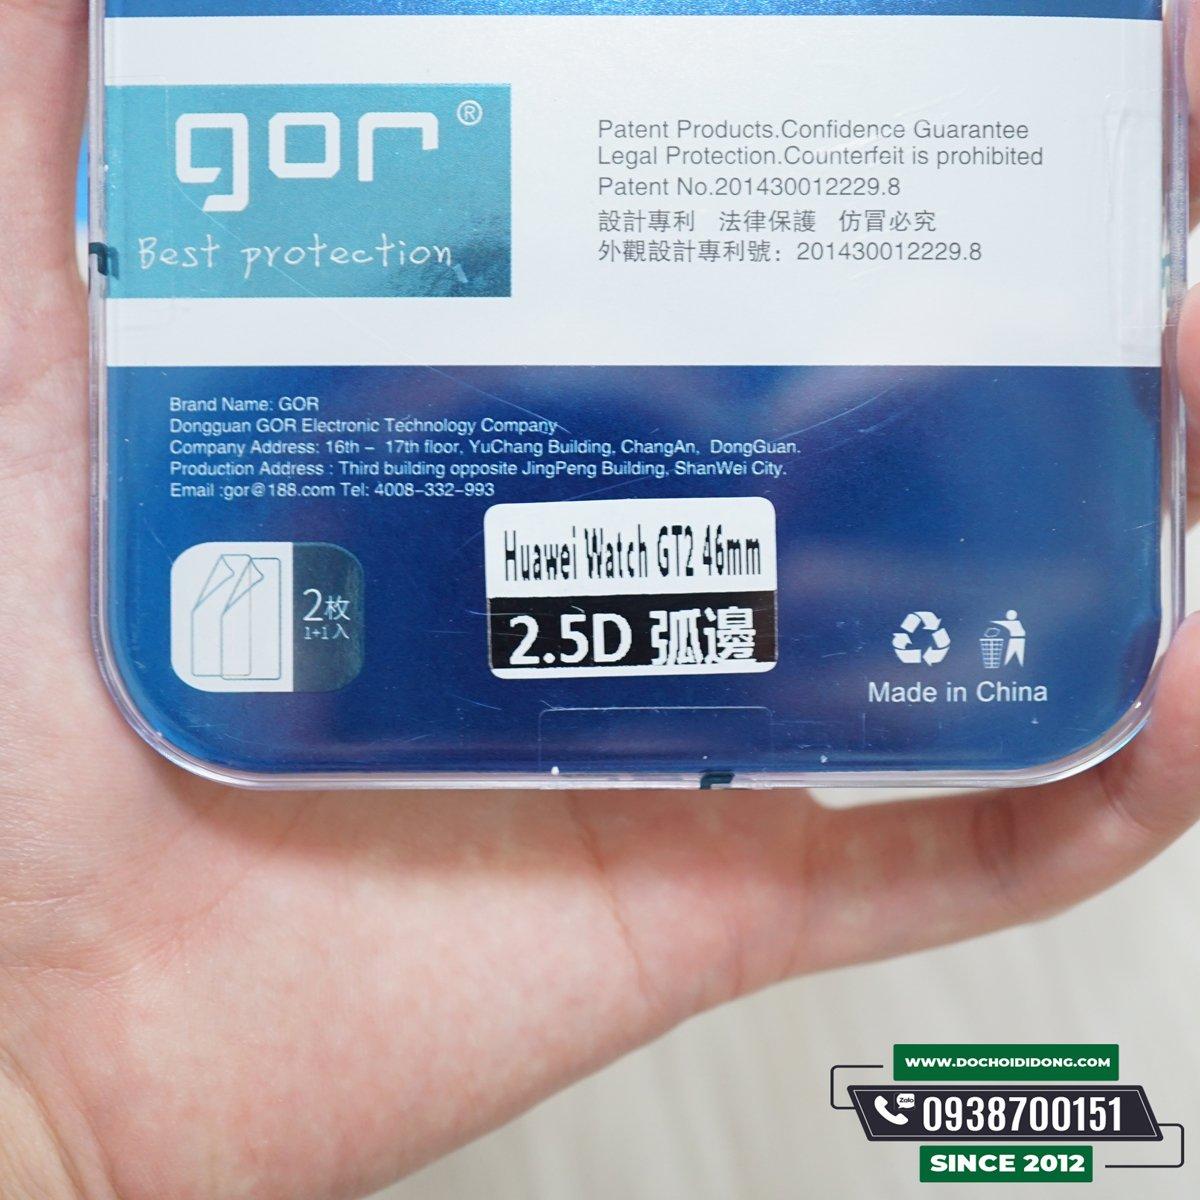 mieng-dan-cuong-luc-dong-ho-huawei-watch-gt2-46mm-gor-9h-chinh-hang